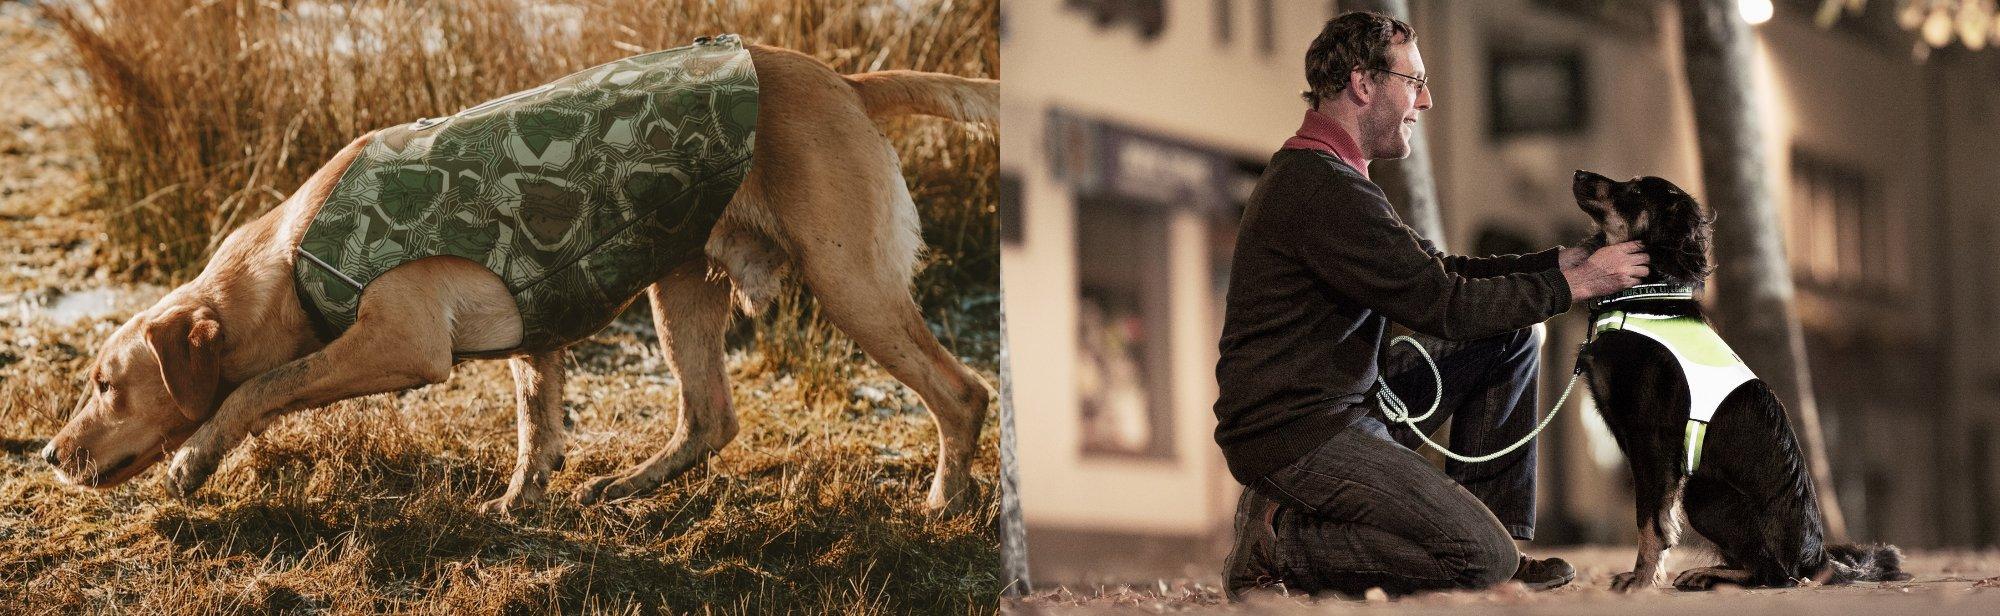 Hundewesten Sicherheitswesten für Hunde günstig online bestellen